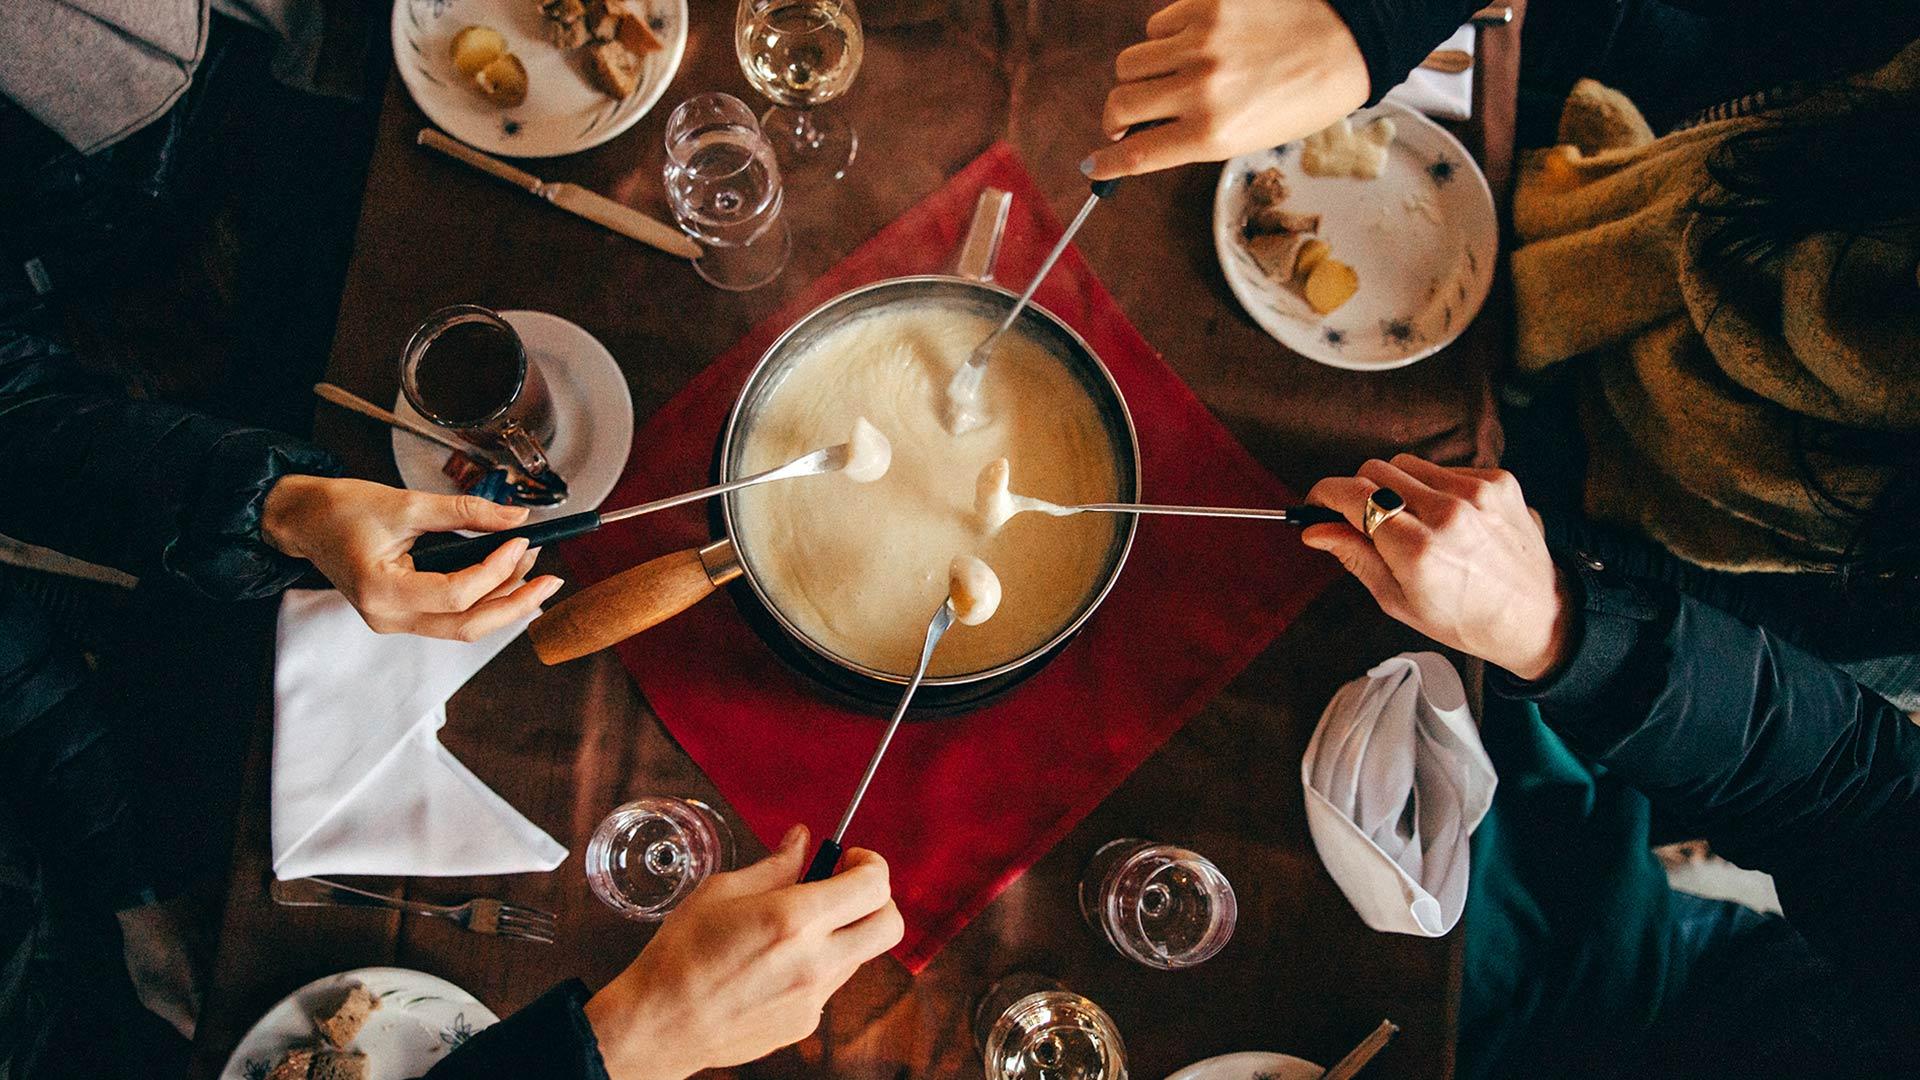 krone-thun-fondue-von-oben.jpg